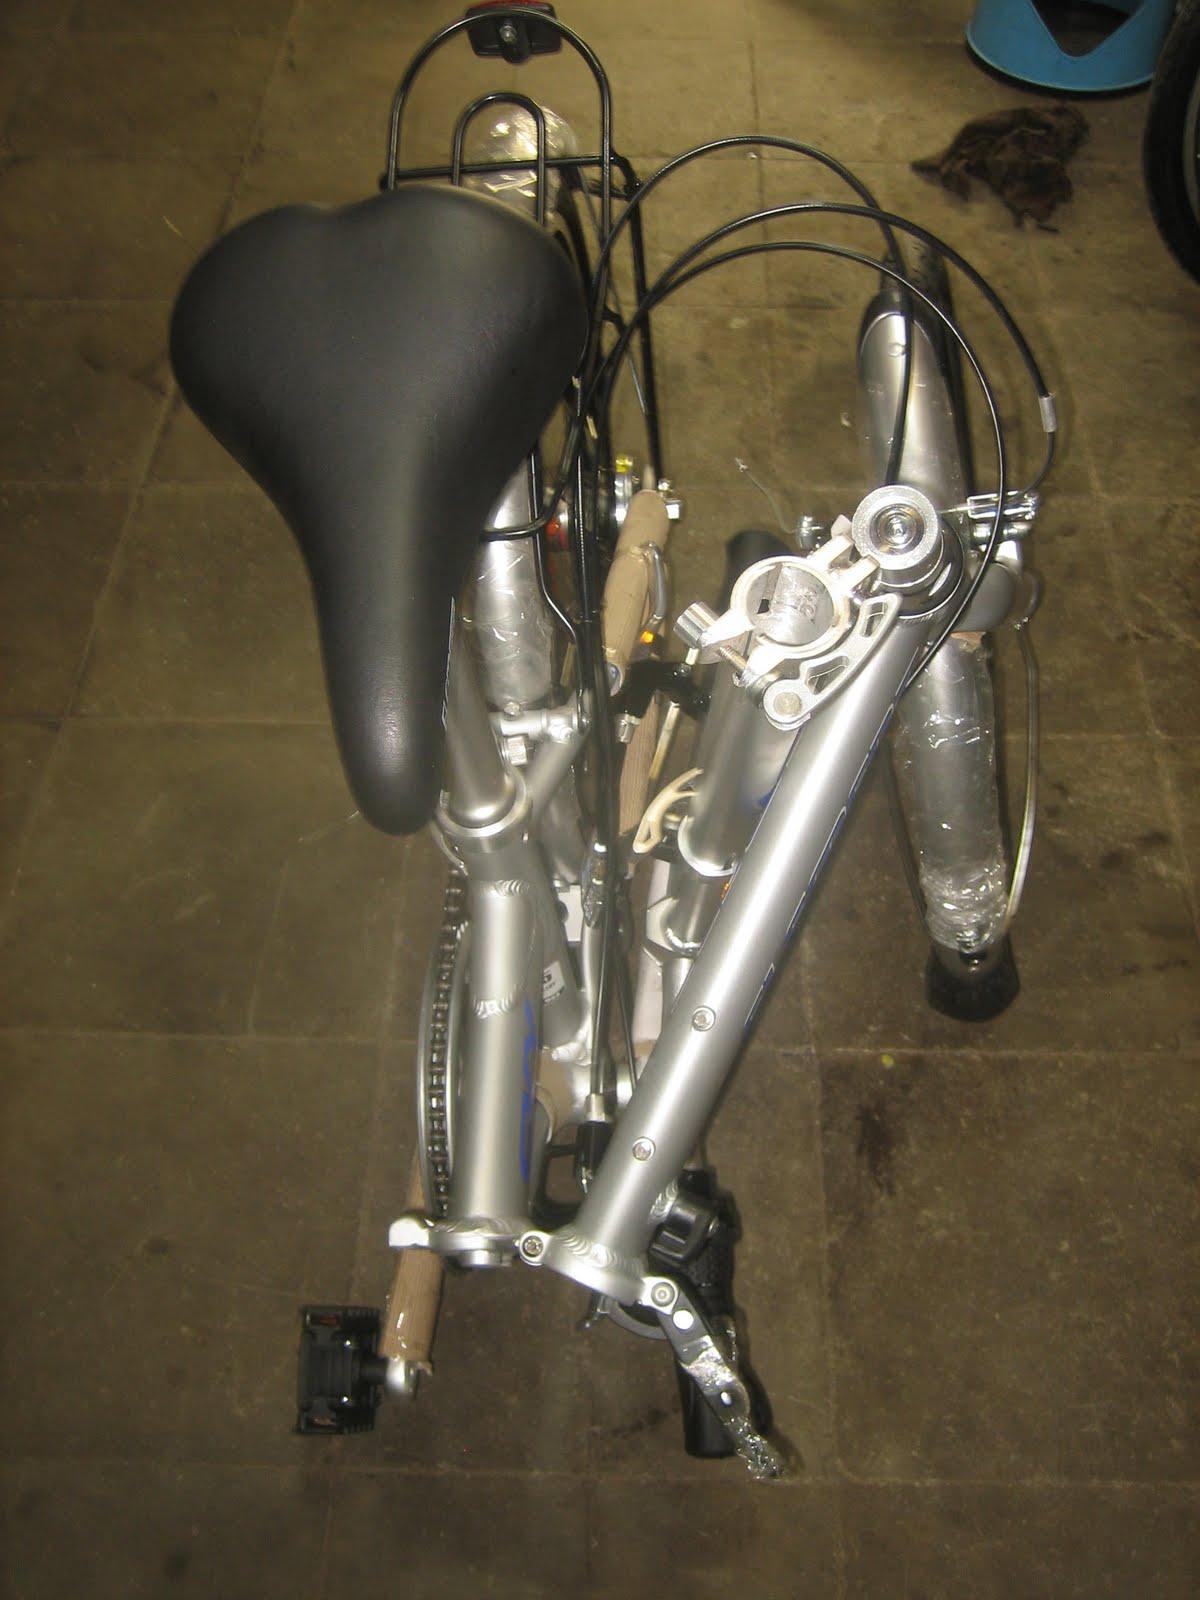 Jual Sepeda Lipat Exotic 20 Free Ongkir Jabodetabek Di Tern Cover Carry On Hitam Tokomagenta A